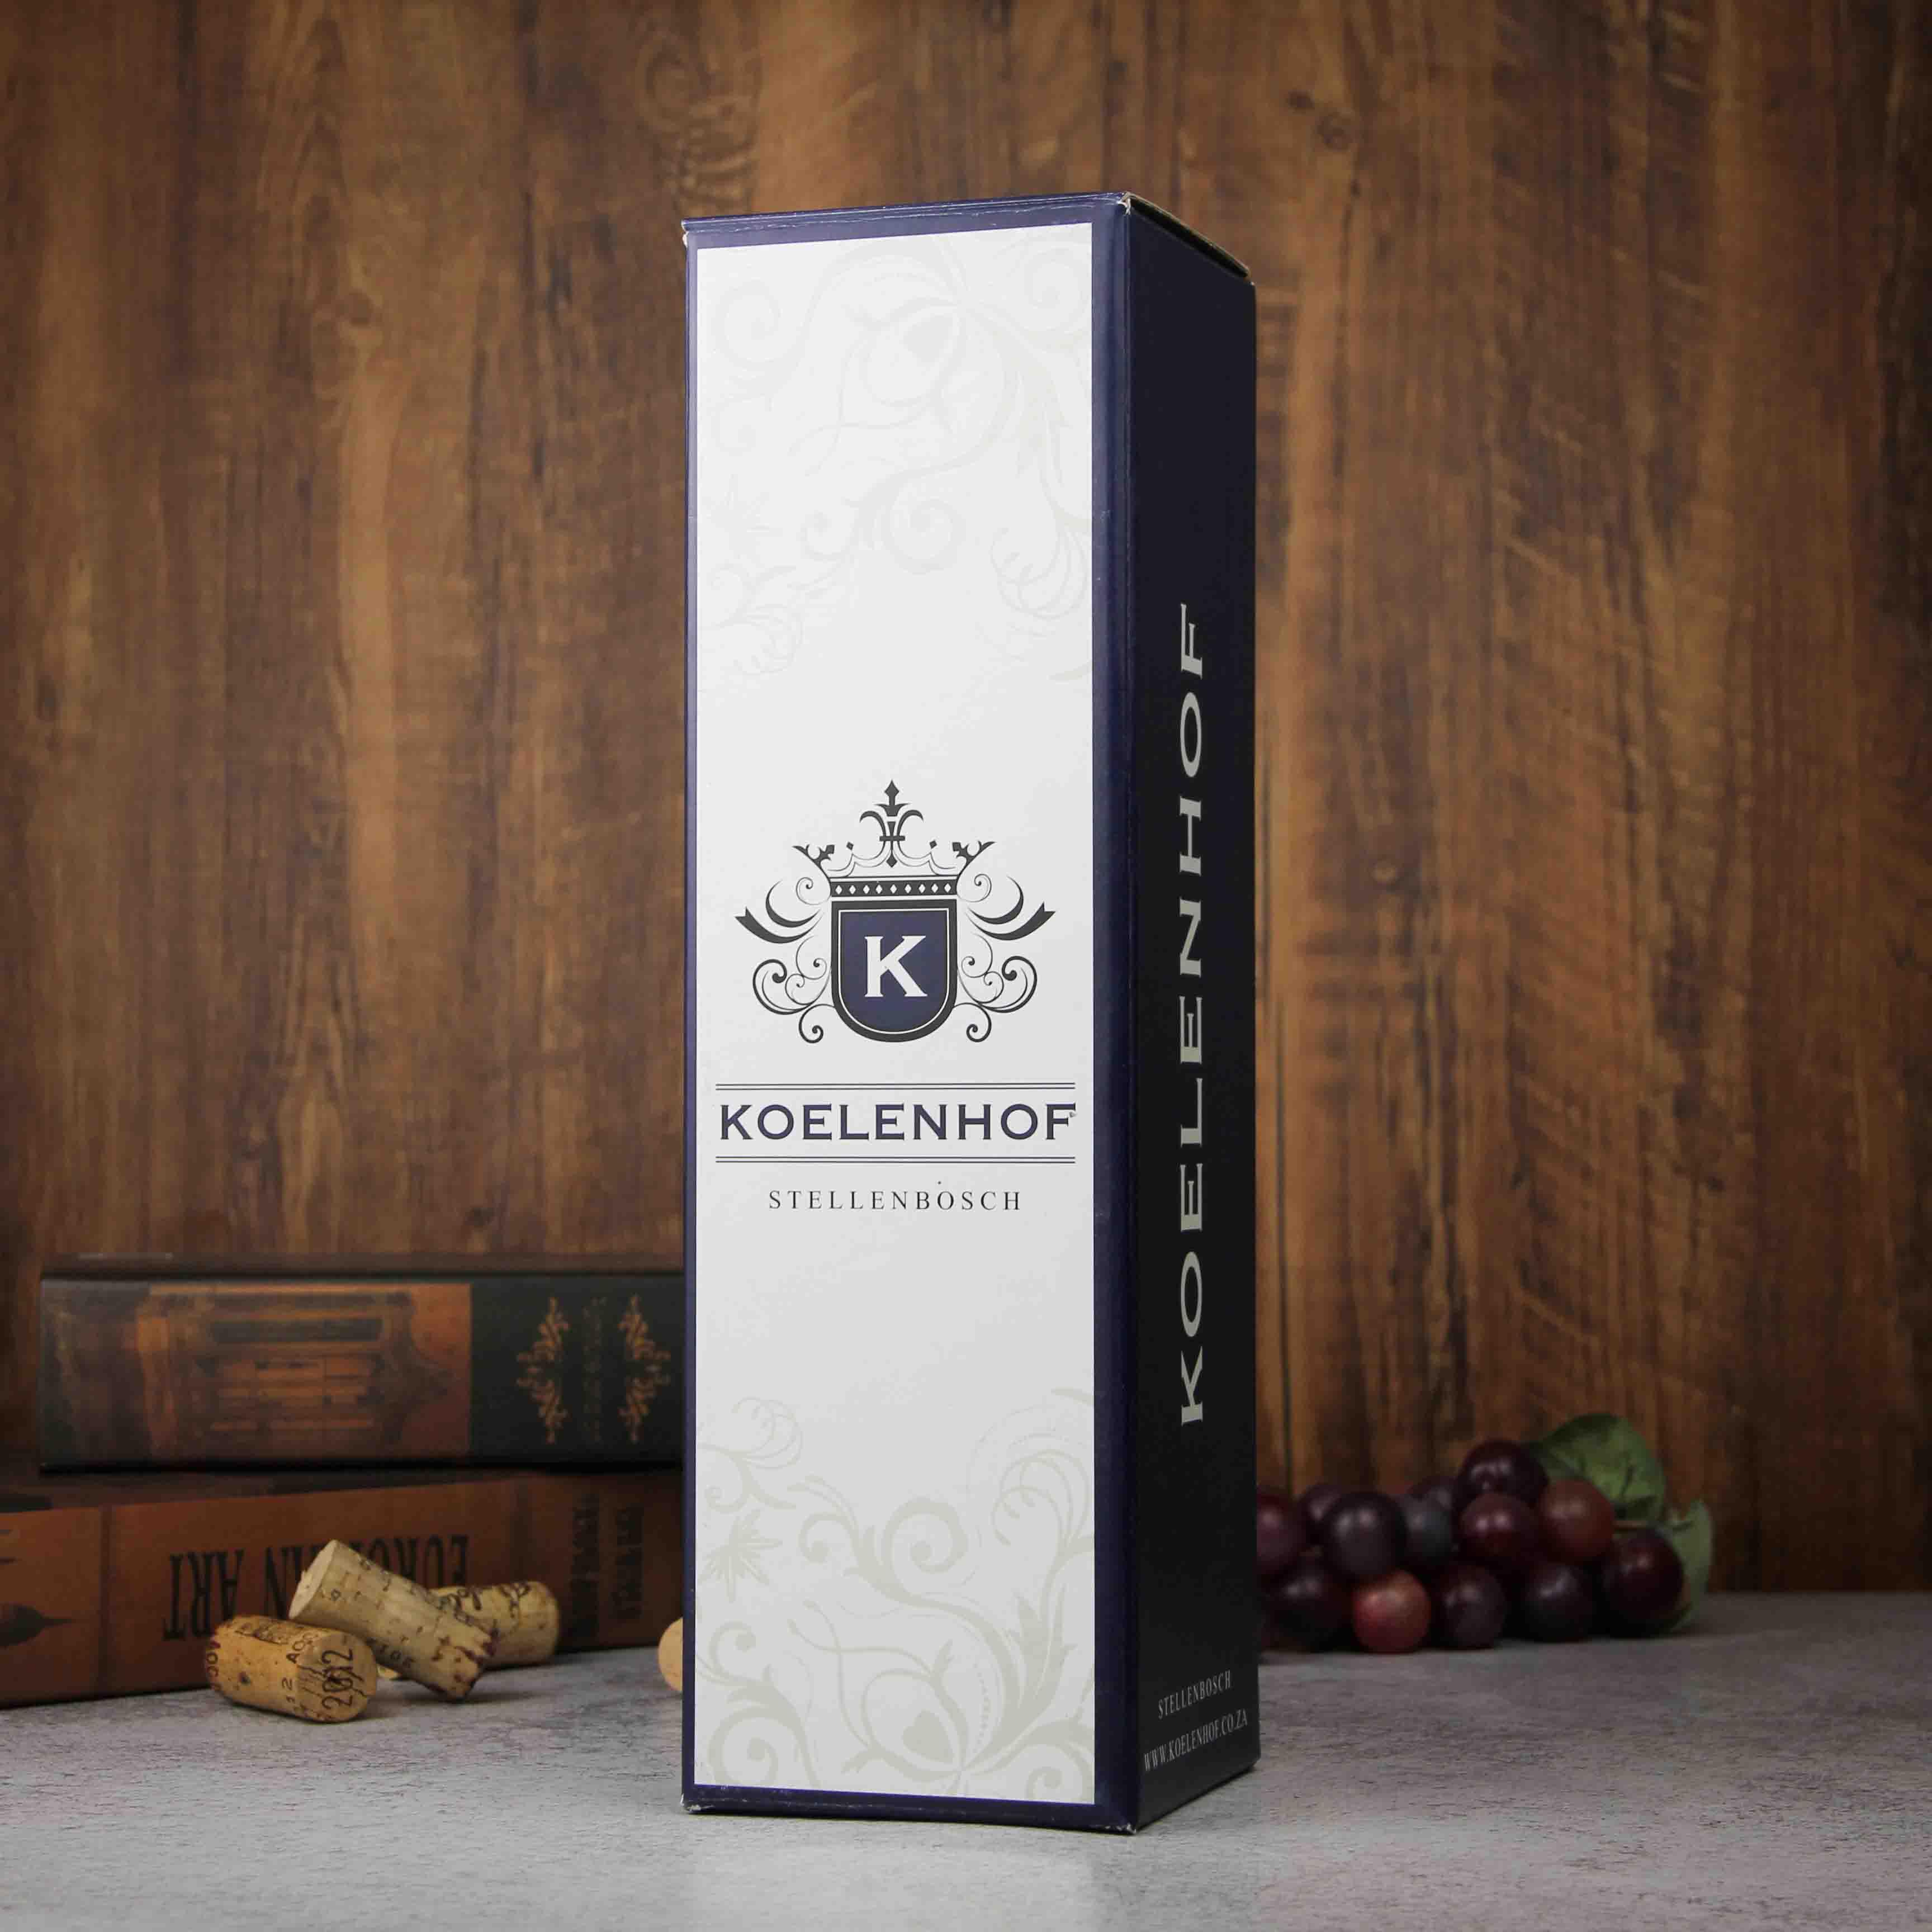 南非斯泰伦博斯豪富庄园克伦博斯1941珍藏限量版红葡萄酒红酒